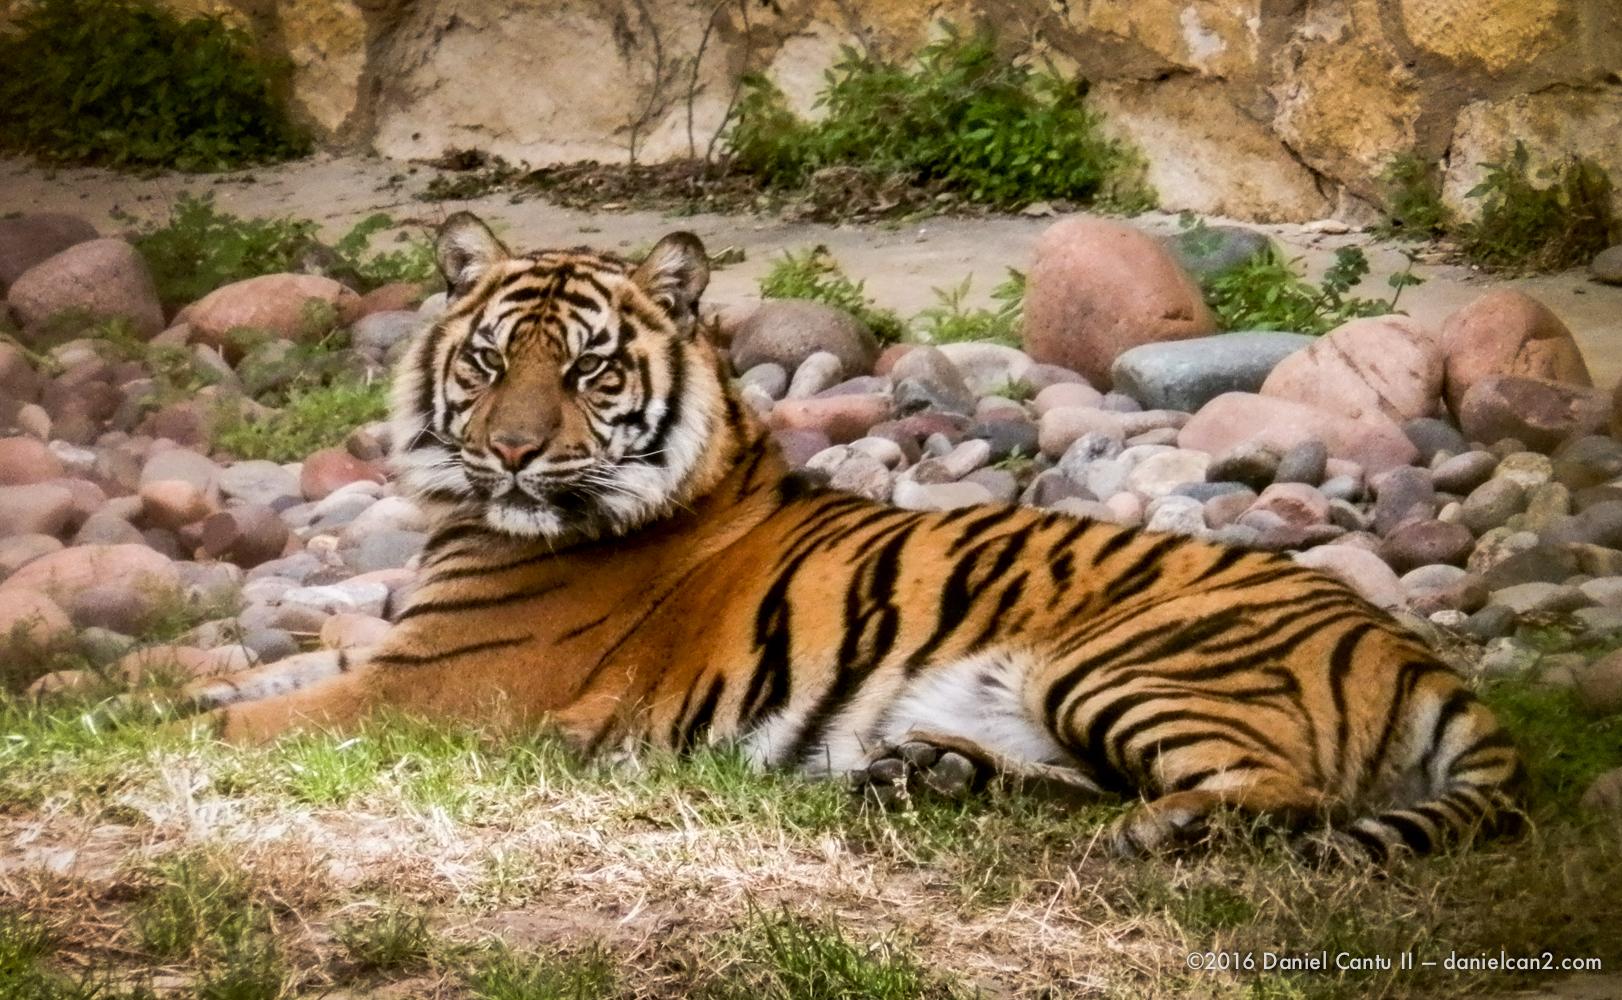 Daniel-Cantu-II-Zoo-SA-TX-2015-2.jpg